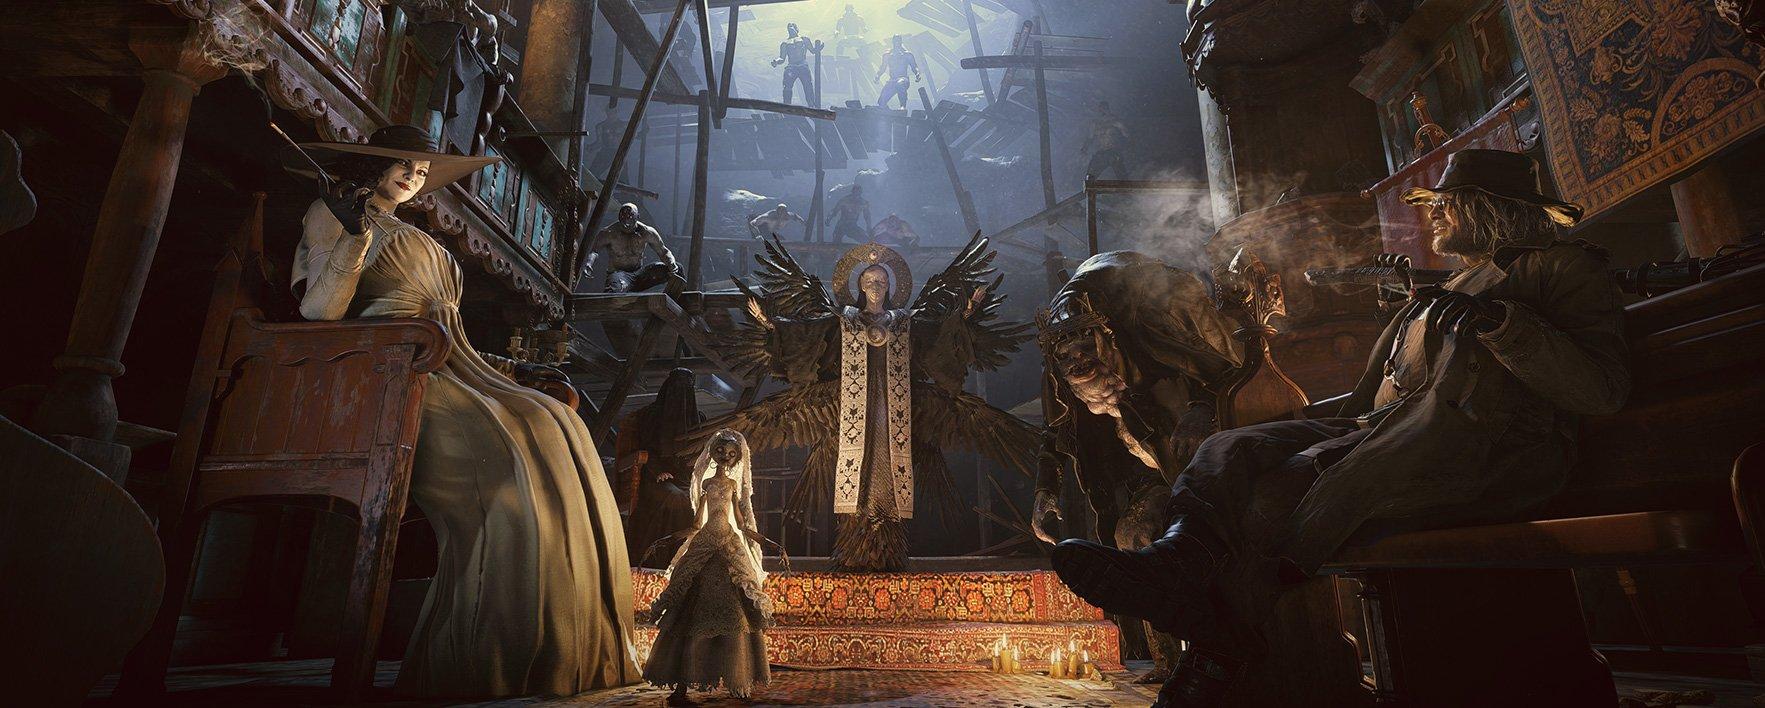 《生化危机8村庄》母神米兰达与领主设定图公布